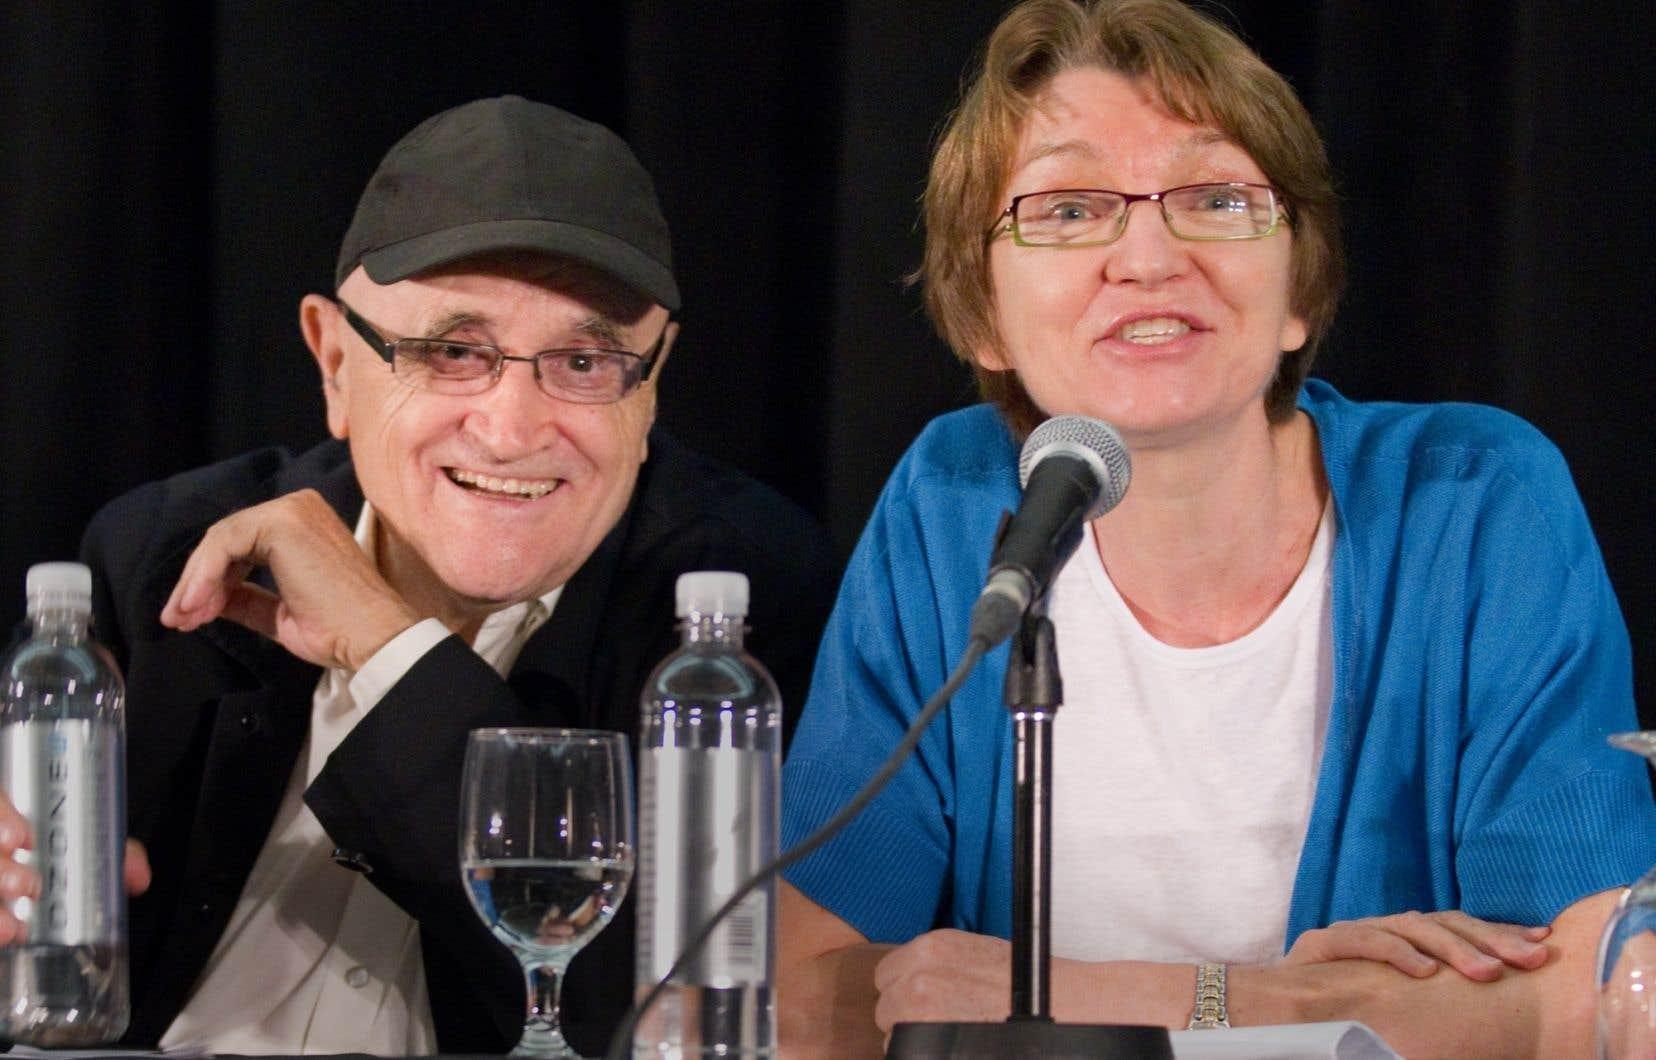 Le président du Festival des films du monde, Serge Losique, et la directrice générale Danièle Cauchard